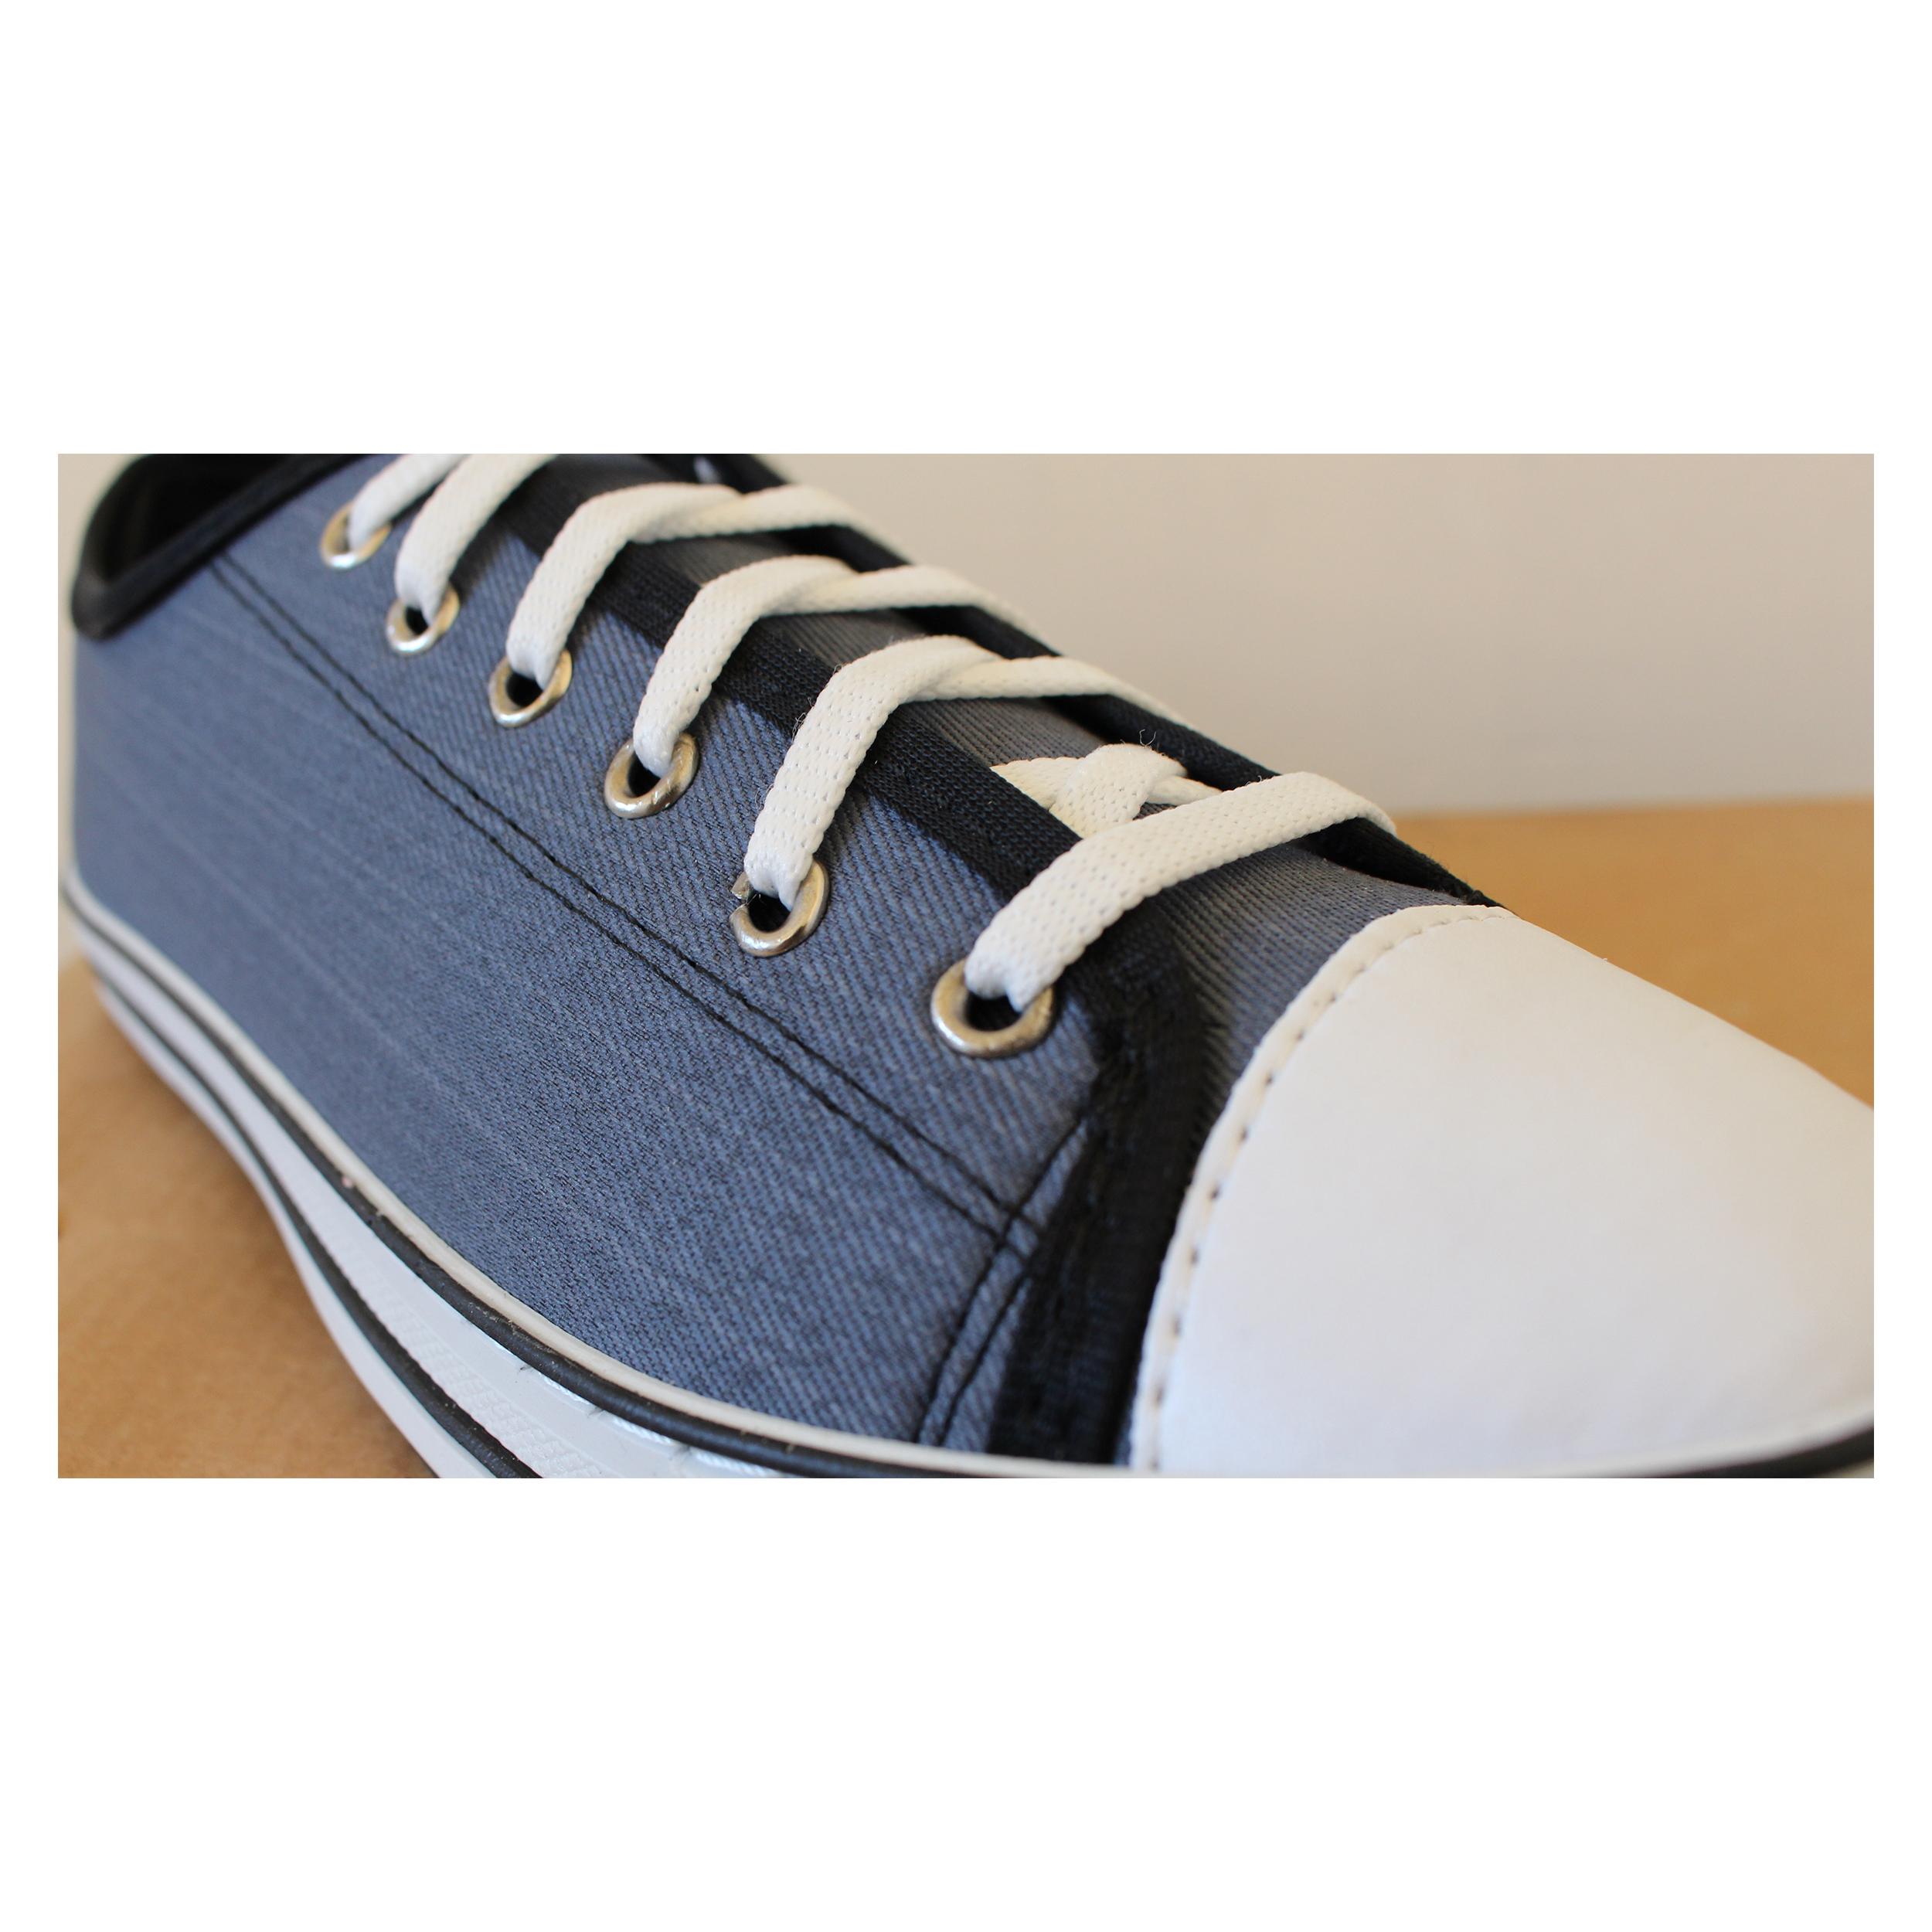 کفش راحتی مردانه مدل 0020 main 1 1